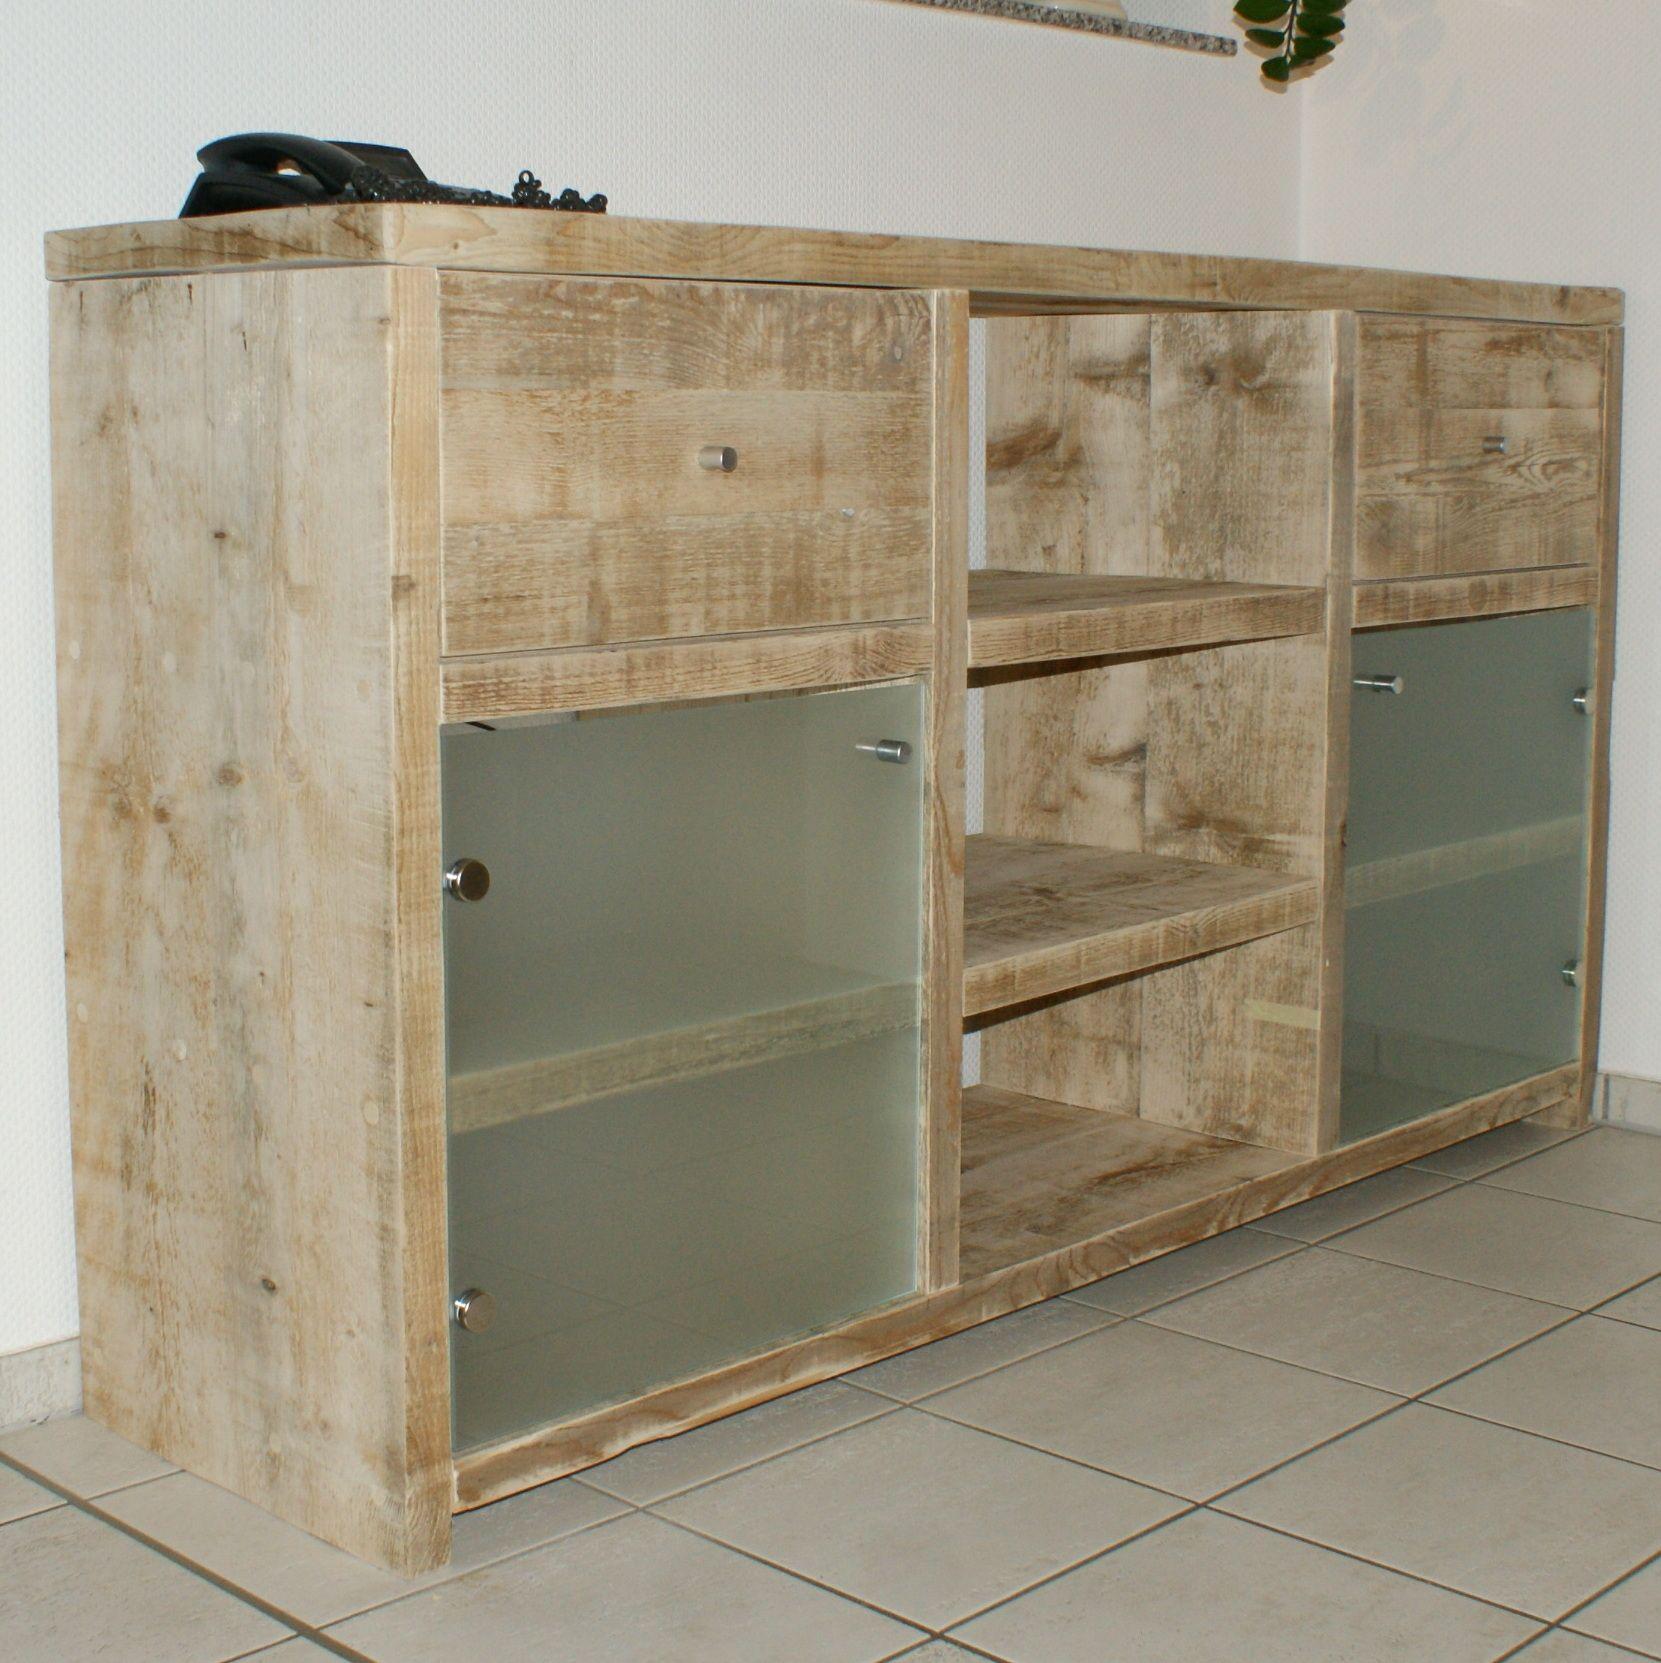 Ein Sideboard Aus Bauholz Individuell Und In Handarbeit Von Uns Gefertigt Bauen Mit Holz Sideboard Selber